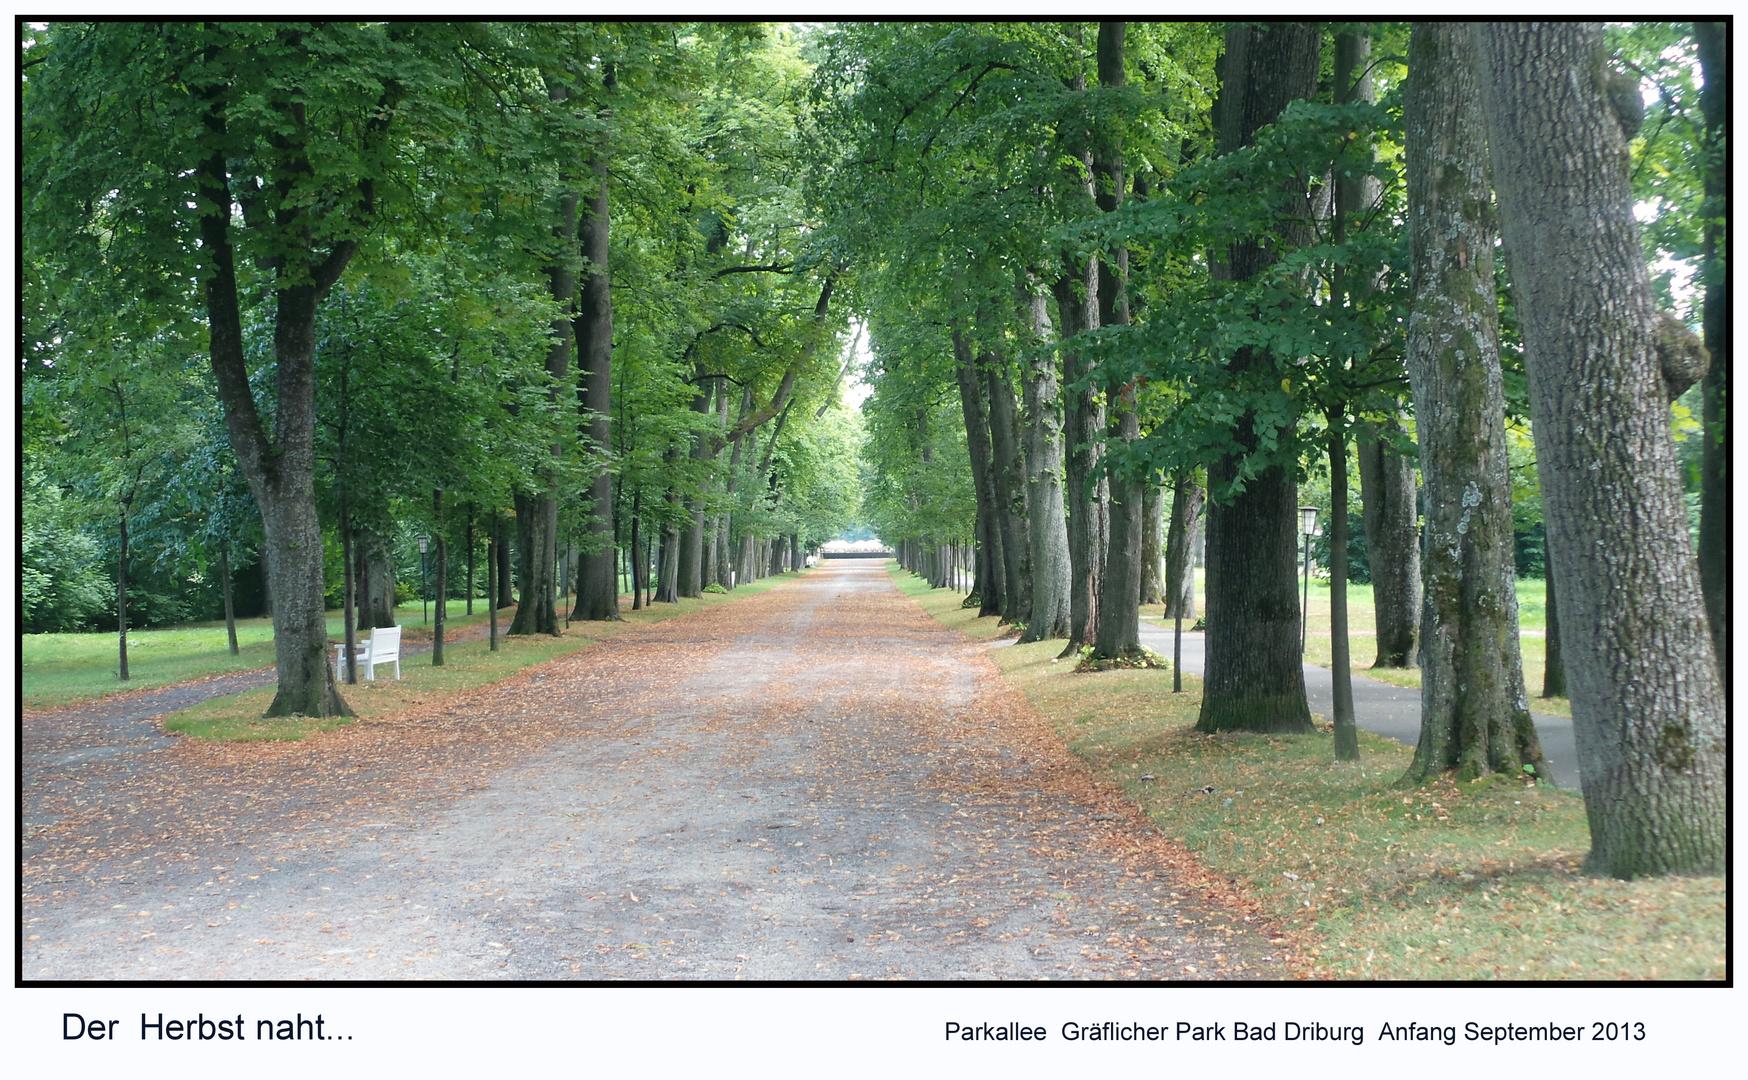 Herbstanfang - Allee Gräflicher Park Bad Driburg